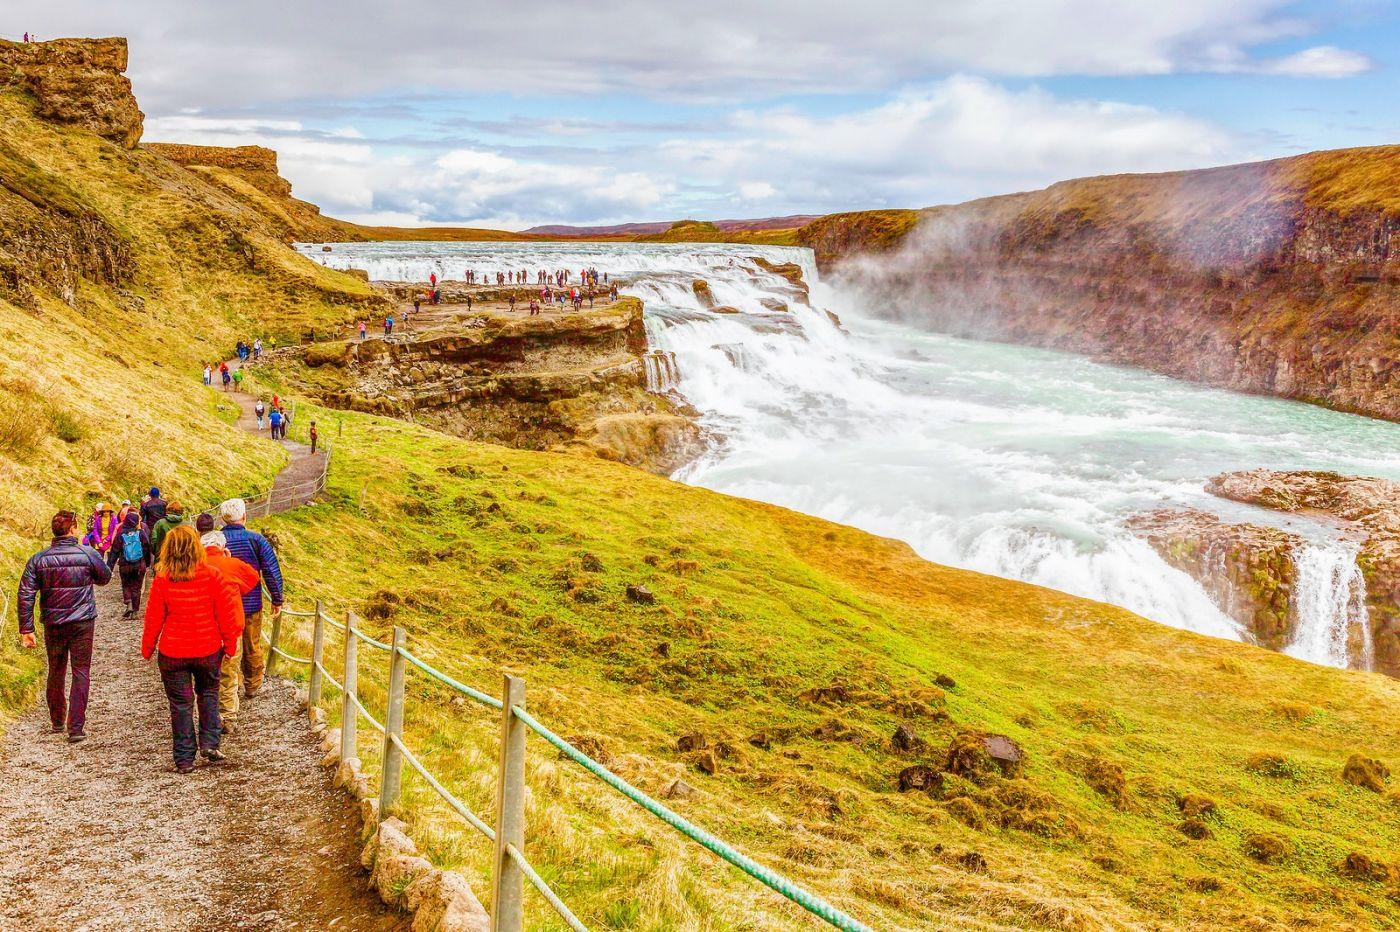 冰岛古佛斯瀑布(Gullfoss),气势磅礴_图1-29